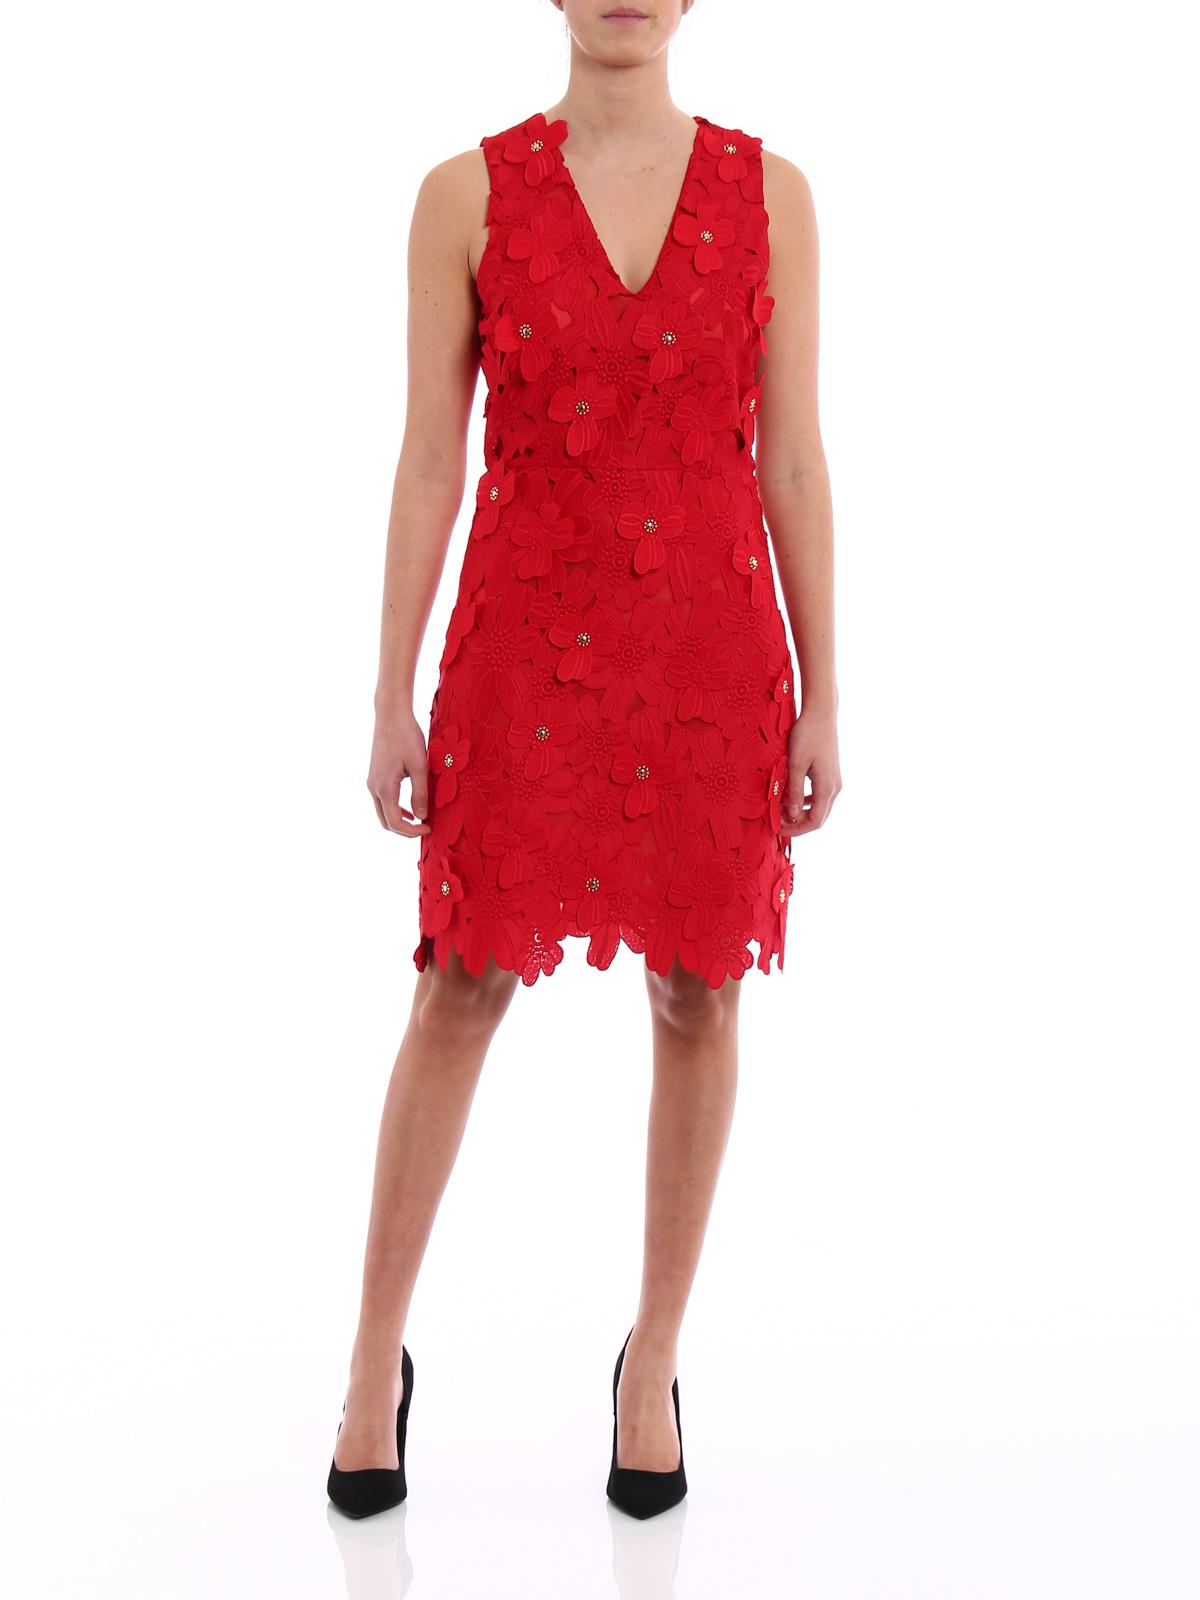 MICHAEL KORS  cocktail dresses online - Floral applique lace dress 2fd2793e4f